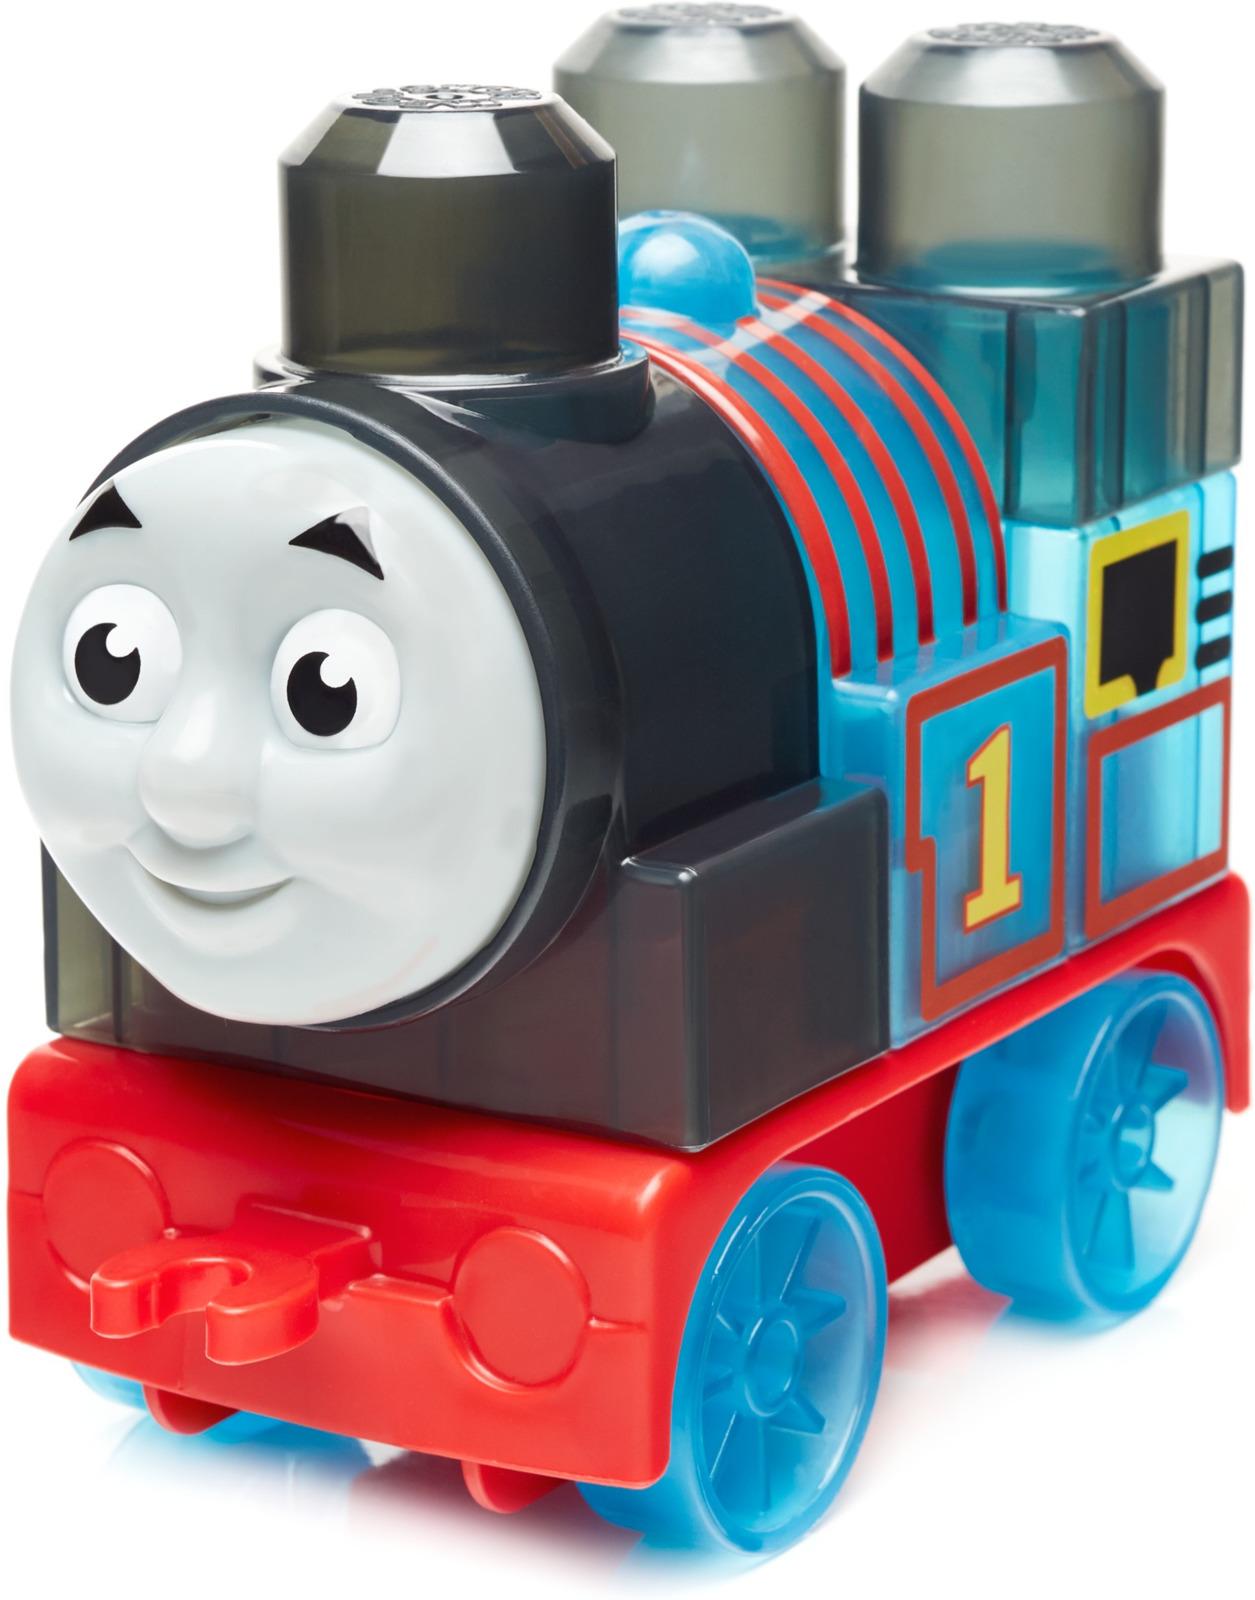 Конструктор пластиковый Mega Bloks Thomas & Friends Паровозик Томас, DXH47_FLY95DXH47_FLY95Паровозик Томас - синий паровозик №1. Это - забавный паровозик, который часто попадает в переделки, поскольку нередко берется за такие дела, которые под силу лишь более мощным и опытным паровозикам. Но в мире паровозика Томаса на небе недолго ходят тучи; он всегда быстро отходит от неудач и возвращается к работе в депо на собственной железнодорожной ветке. Томас усердно работает и всегда стремится быть очень полезным. Самые маленькие поклонники известного мультфильма Томас и его друзья теперь могут собирать свой любимый паровозик из больших блоков и основания с колесиками.